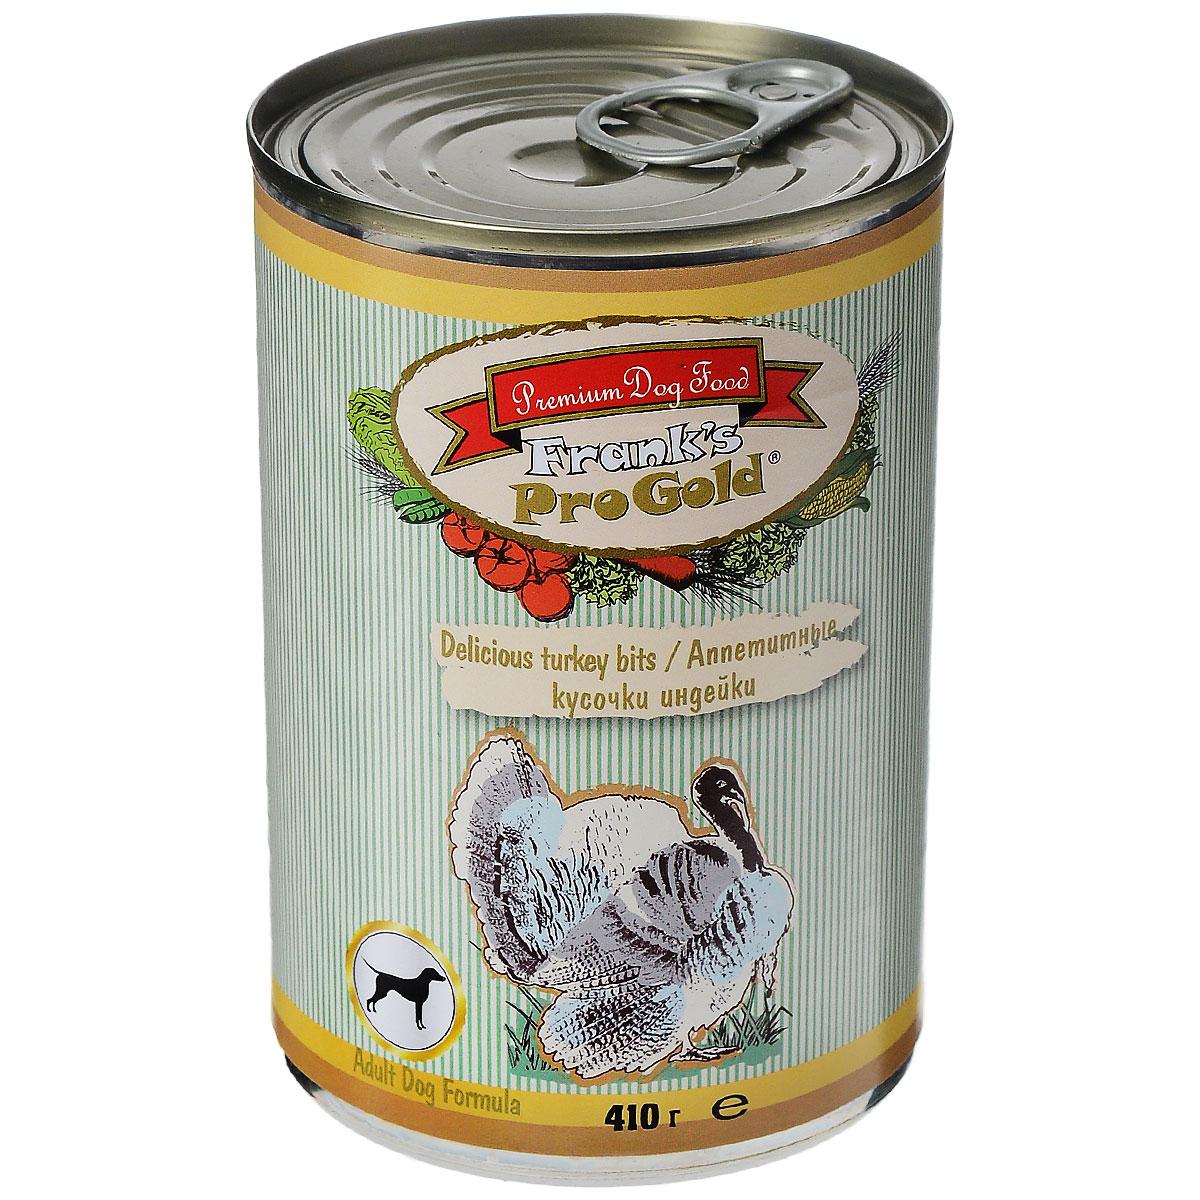 Консервы для собак Franks ProGold, с индейкой, 410 г101246Консервы для собак Franks ProGold - полнорационный продукт, содержащий все необходимые витамины и минералы, сбалансированный для поддержания оптимального здоровья вашего питомца! Ваш любимец, безусловно, оценит нежнейшие кусочки мяса в желе! Произведенные из натуральных ингредиентов, консервы Franks Pro Gold не содержат ГМО, сою, искусственных красителей, консервантов и усилителей вкуса. Состав: мясо курицы, индейка, мясо и его производные, злаки, витамины и минералы. Пищевая ценность: влажность 81%,белки 6,5%, жиры 4,5%, зола 2%, клетчатка 0,5%. Добавки: витамин A 1600 IU, витамин D 140 IU, витамин E 10 IU, железо E1 24 мг/кг, марганец E5 6 мг/кг, цинк E6 15 мг/кг, йодин E2 0,3 мг/кг. Калорийность: 393,6 ккал.Товар сертифицирован.